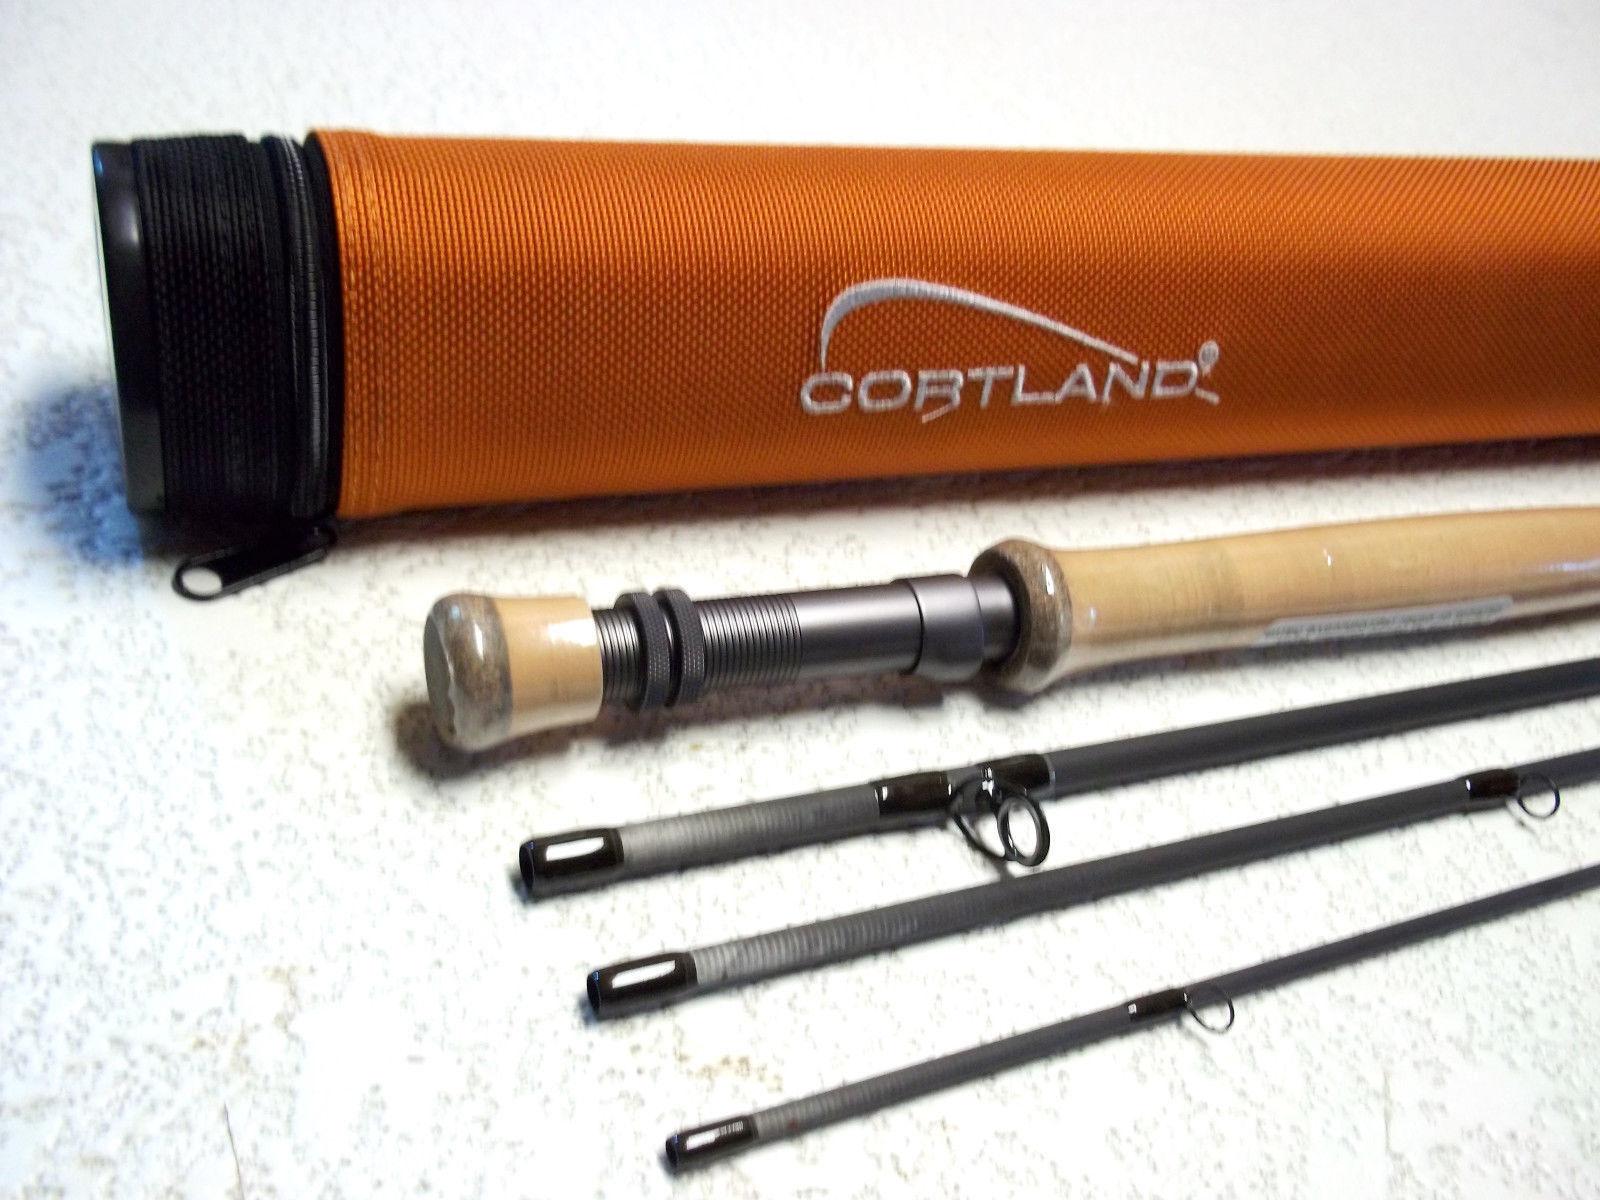 Cortland Wettbewerb Nymph Fliegen Rod 10 Fuß 6 Zoll 4 Gewicht 4 pc Neue W free Ringe